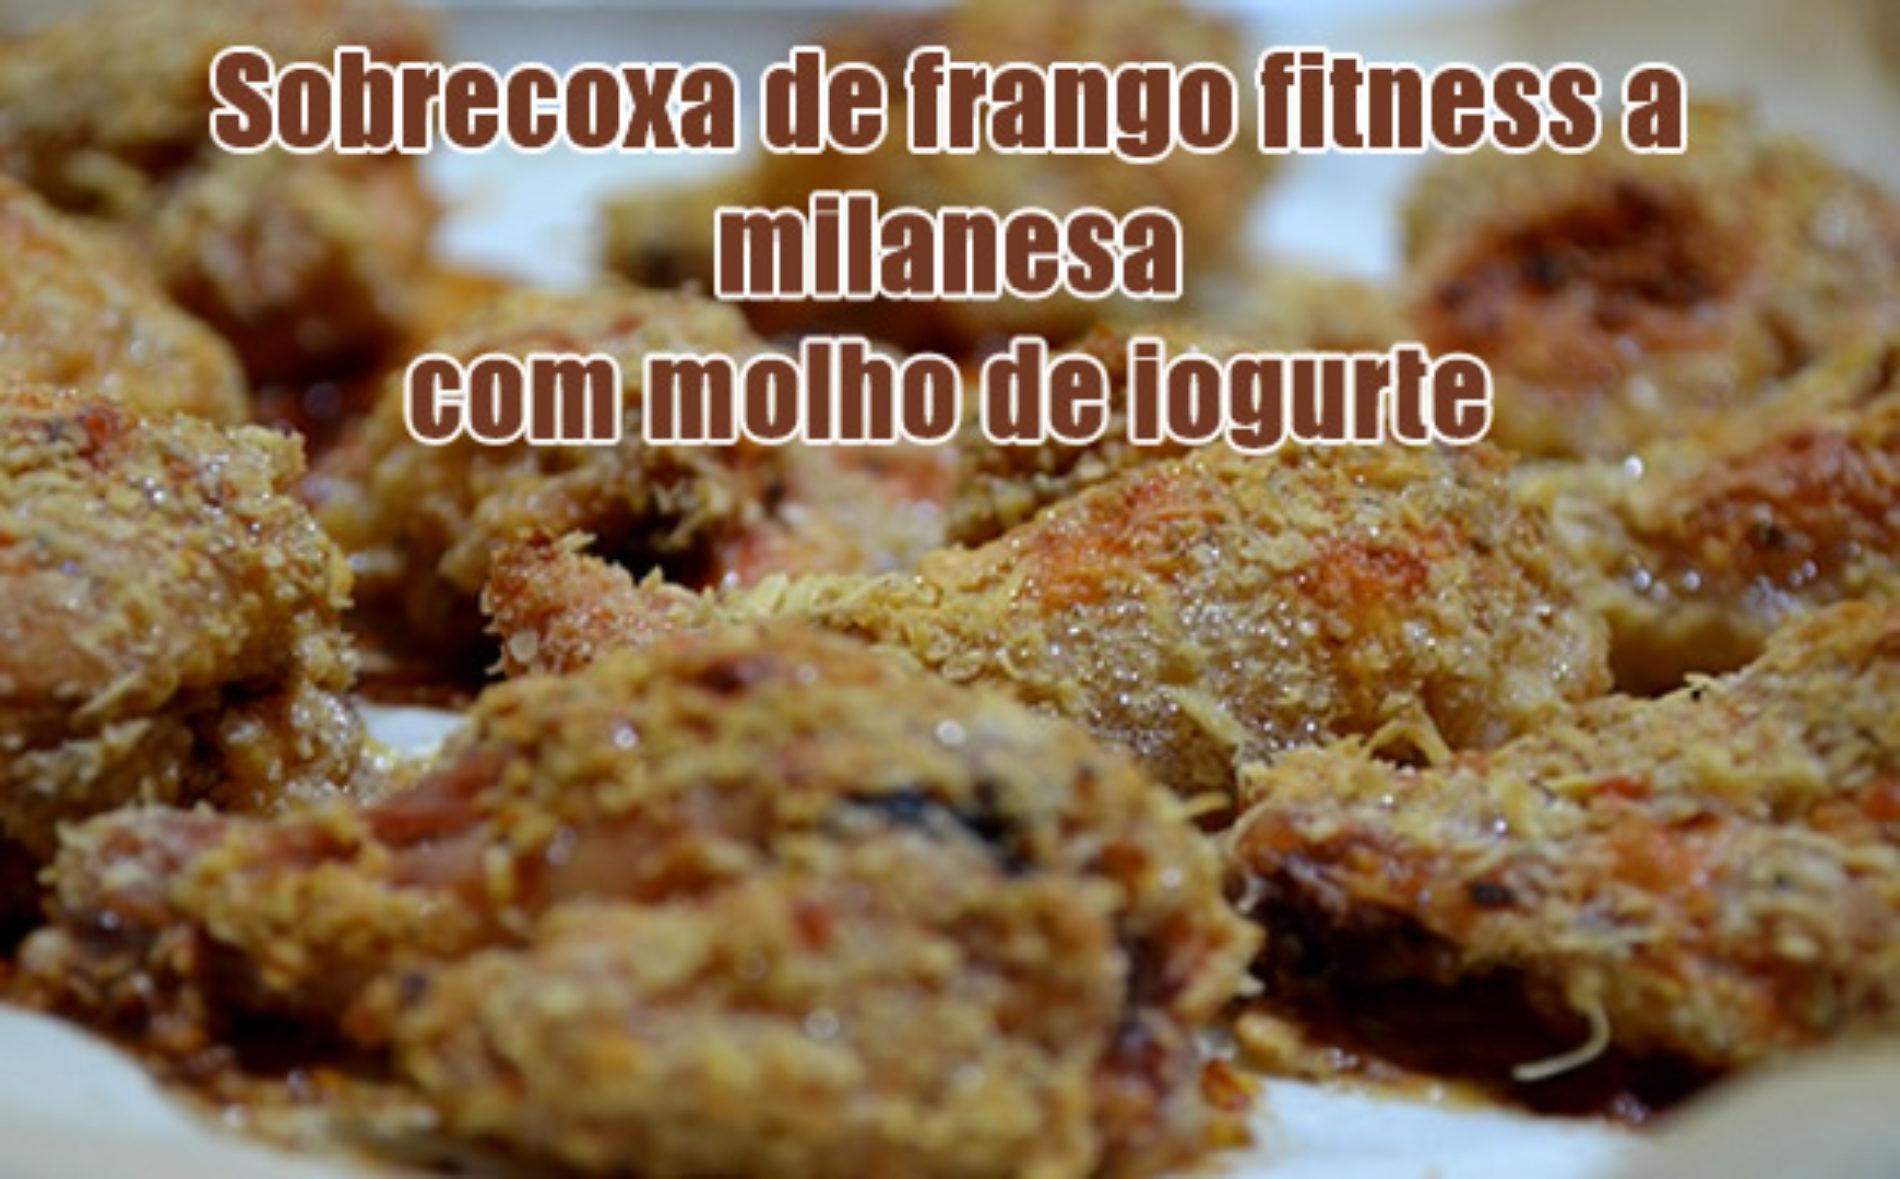 Receita Fitness de sobrecoxa de frango a milanesa com molho de iogurte